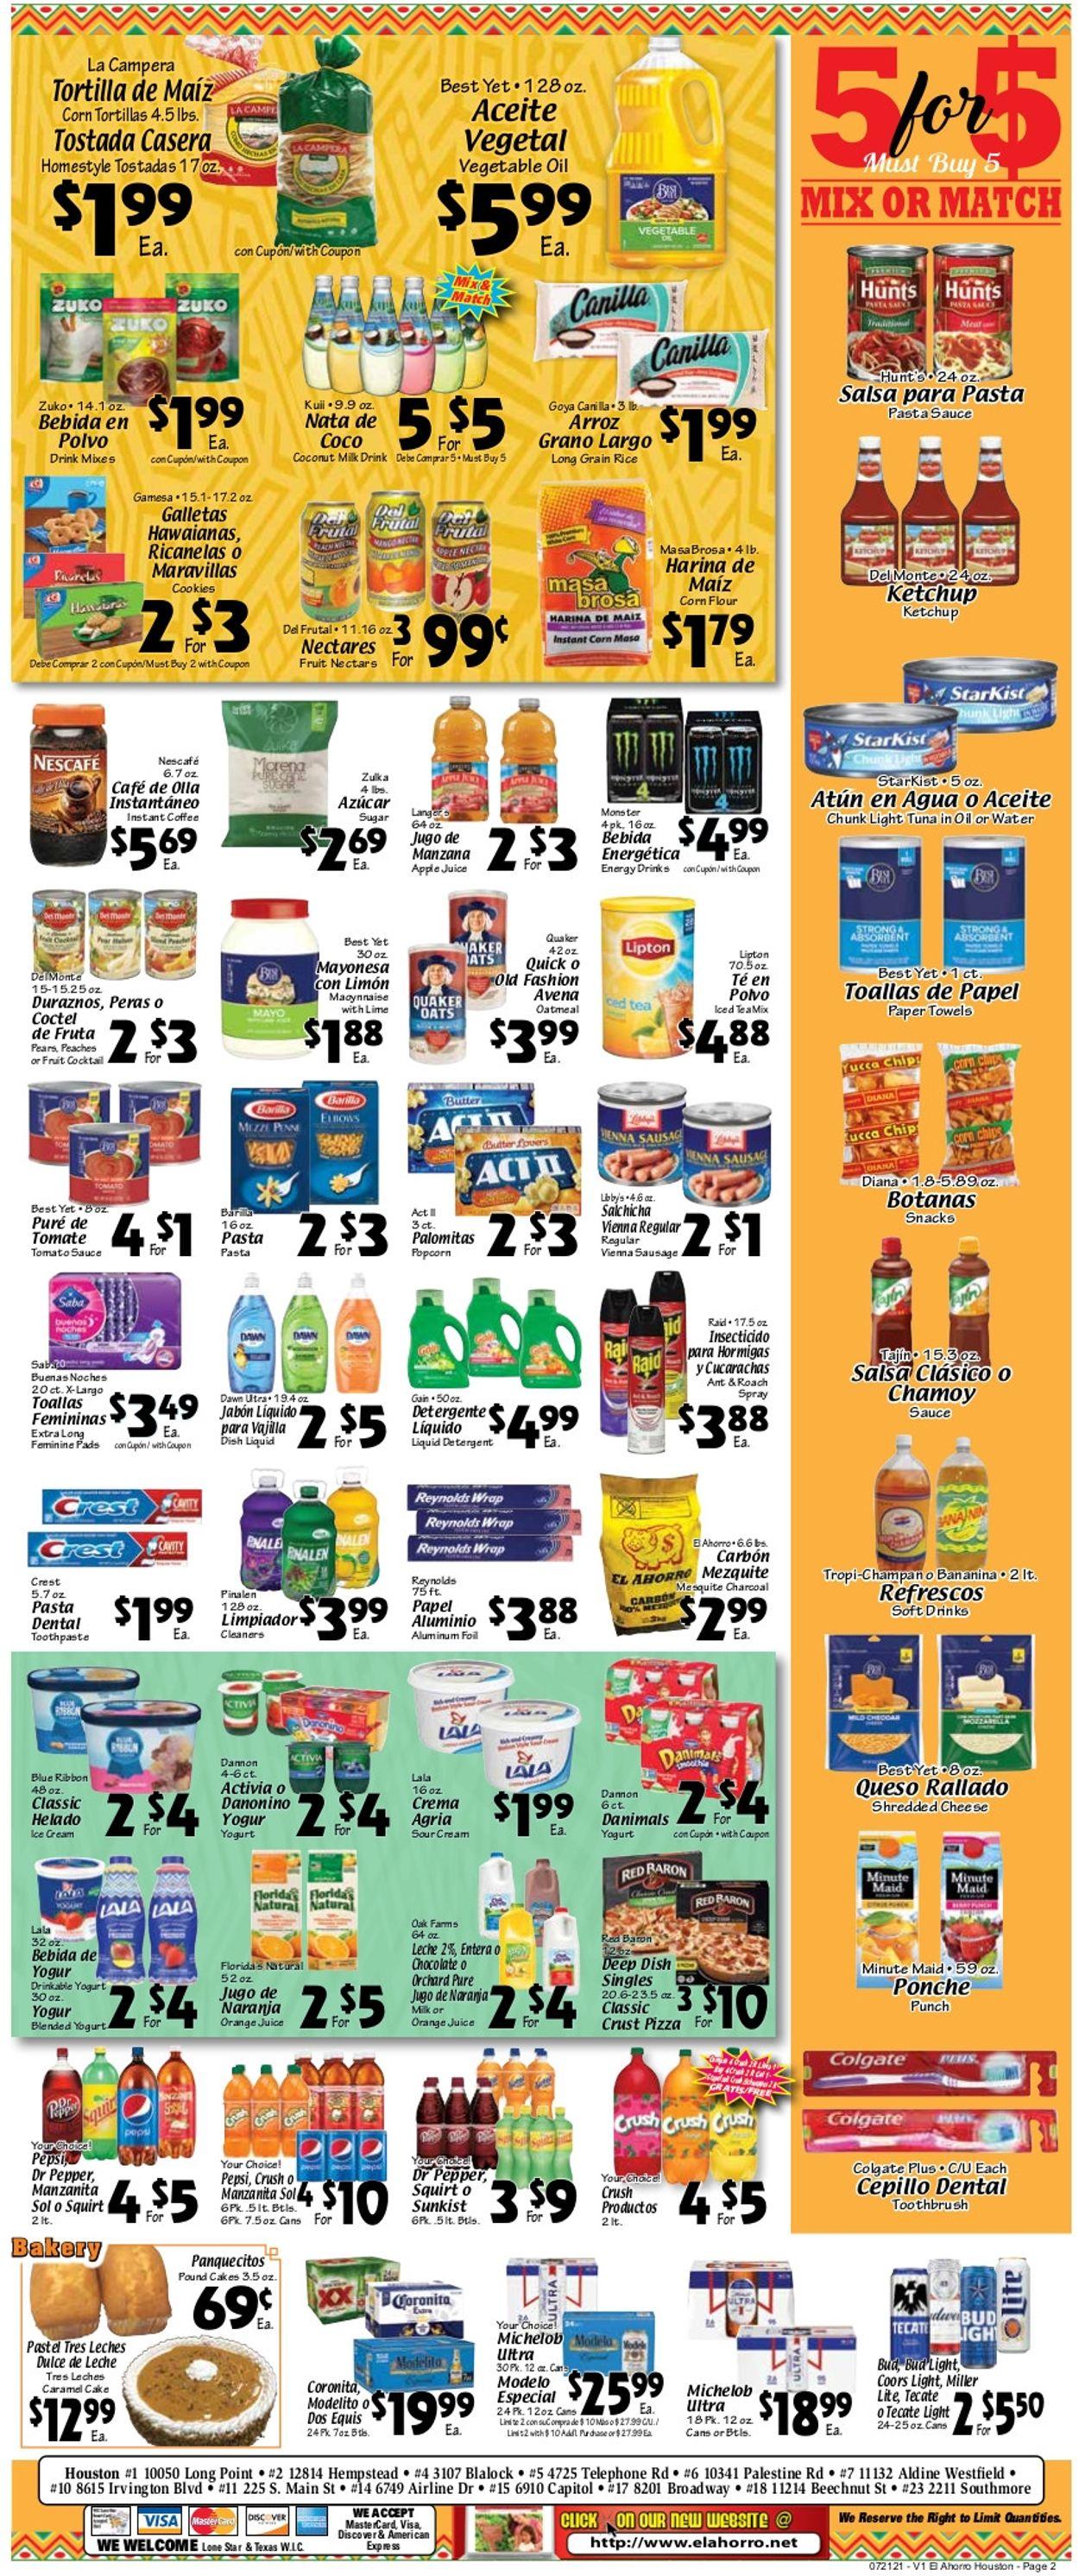 El Ahorro Supermarket Weekly Ad Circular - valid 07/21-07/27/2021 (Page 2)